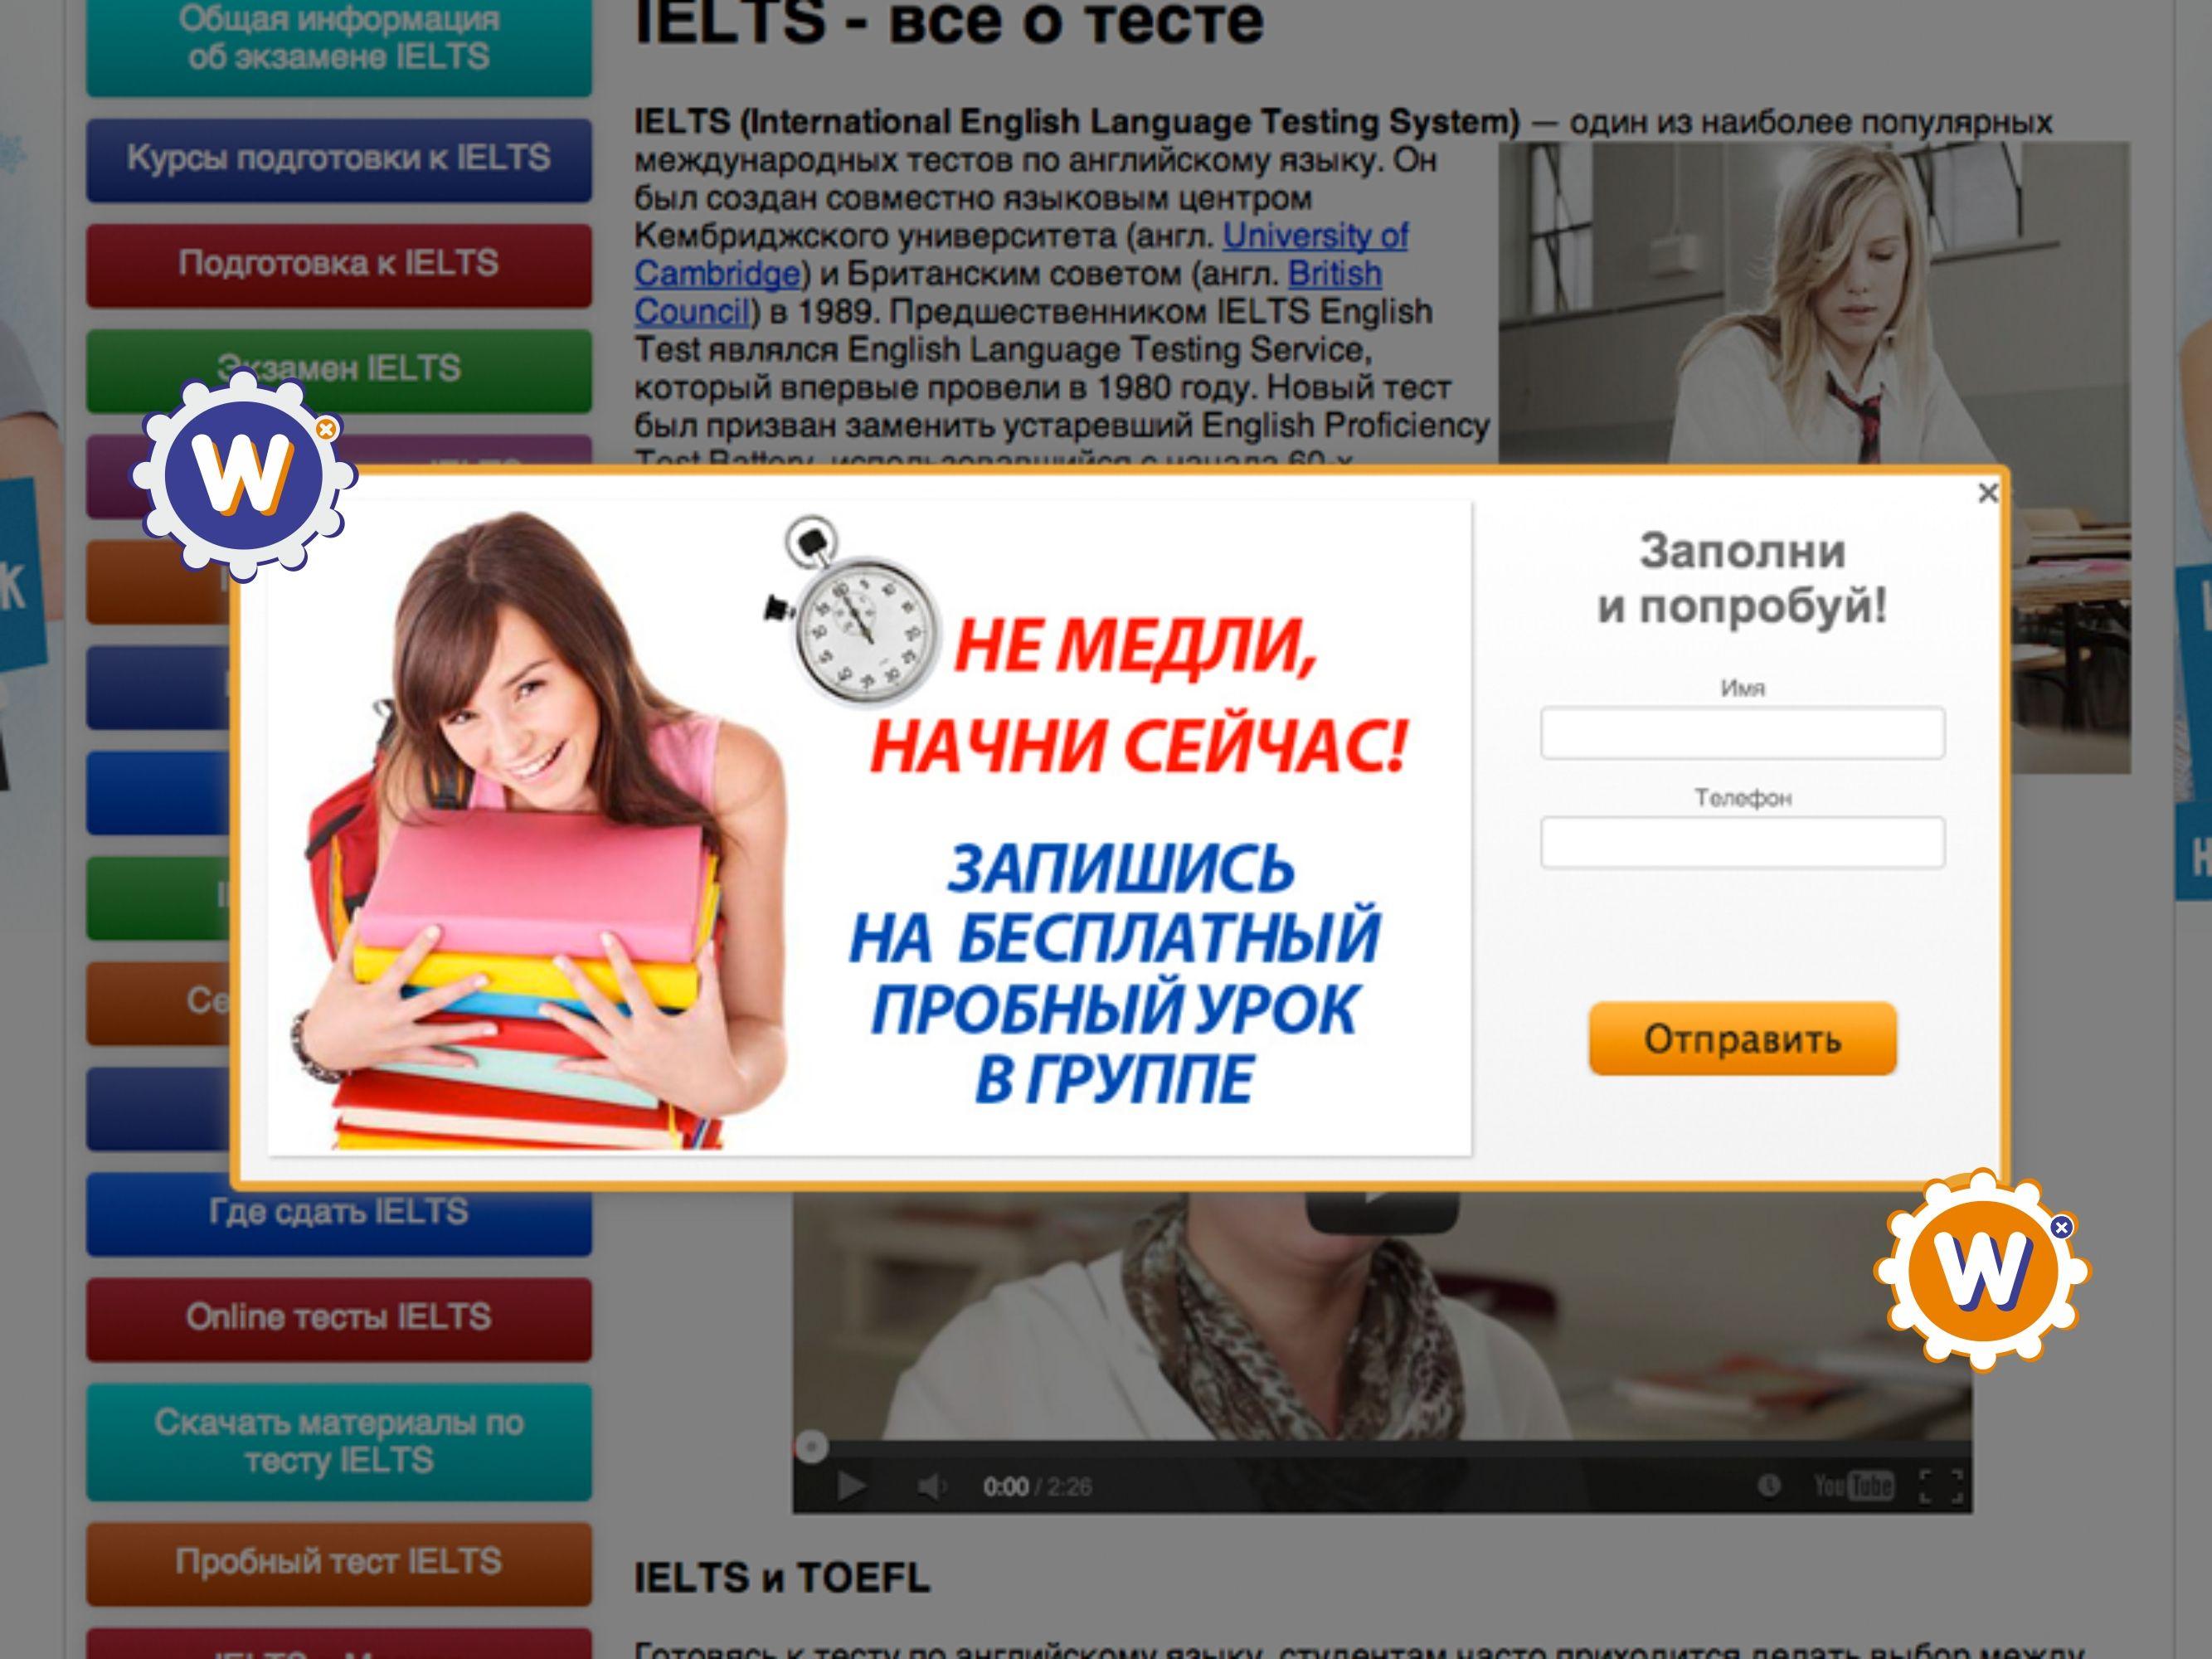 Witget.com - элементы брендирования Витжетов - дизайнер oksana123456